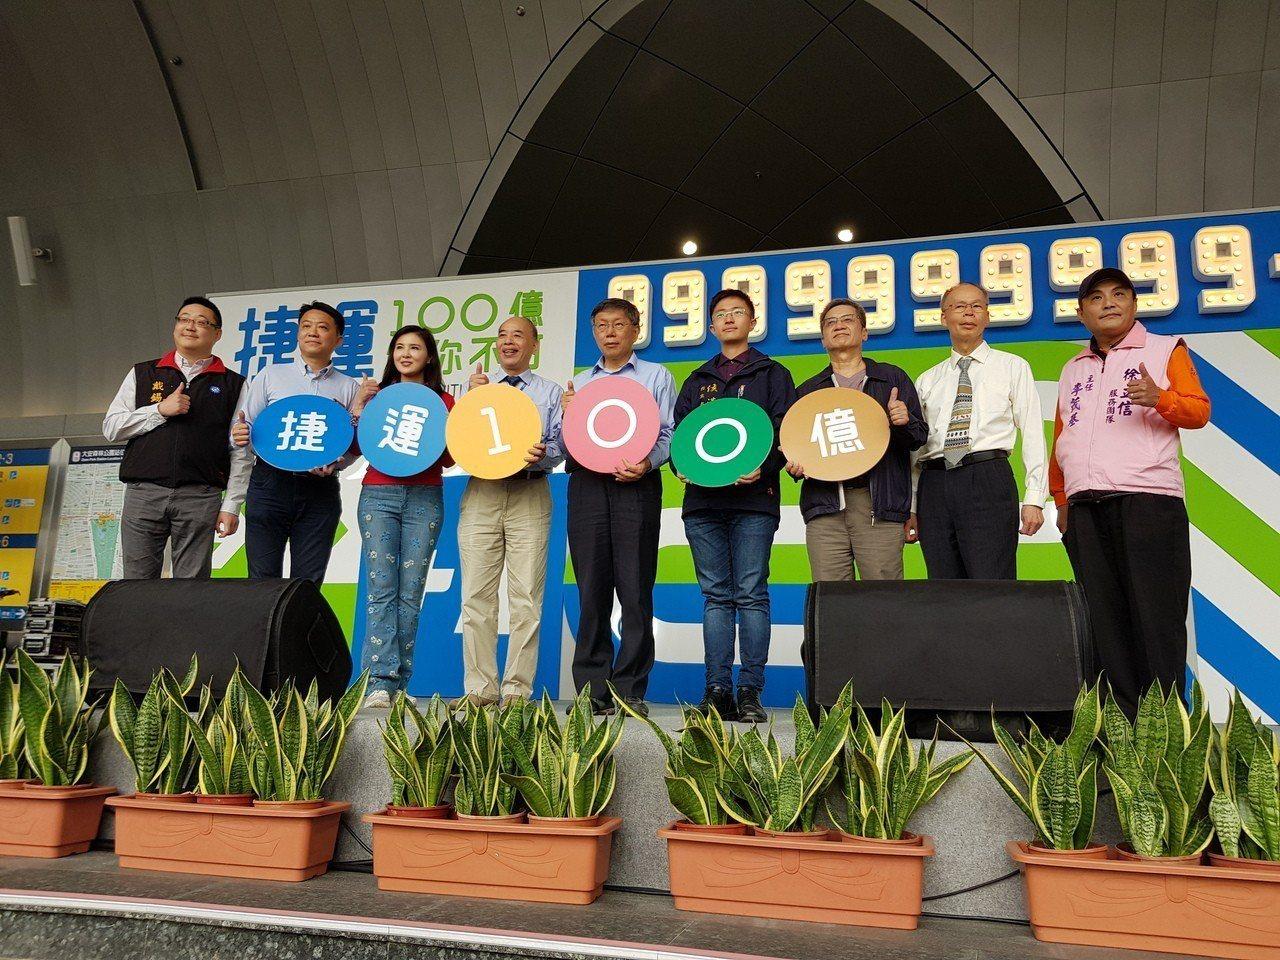 台北市長柯文哲今天下午出席台北捷運「100大金曲迎100億」慶祝音樂會。記者翁浩...